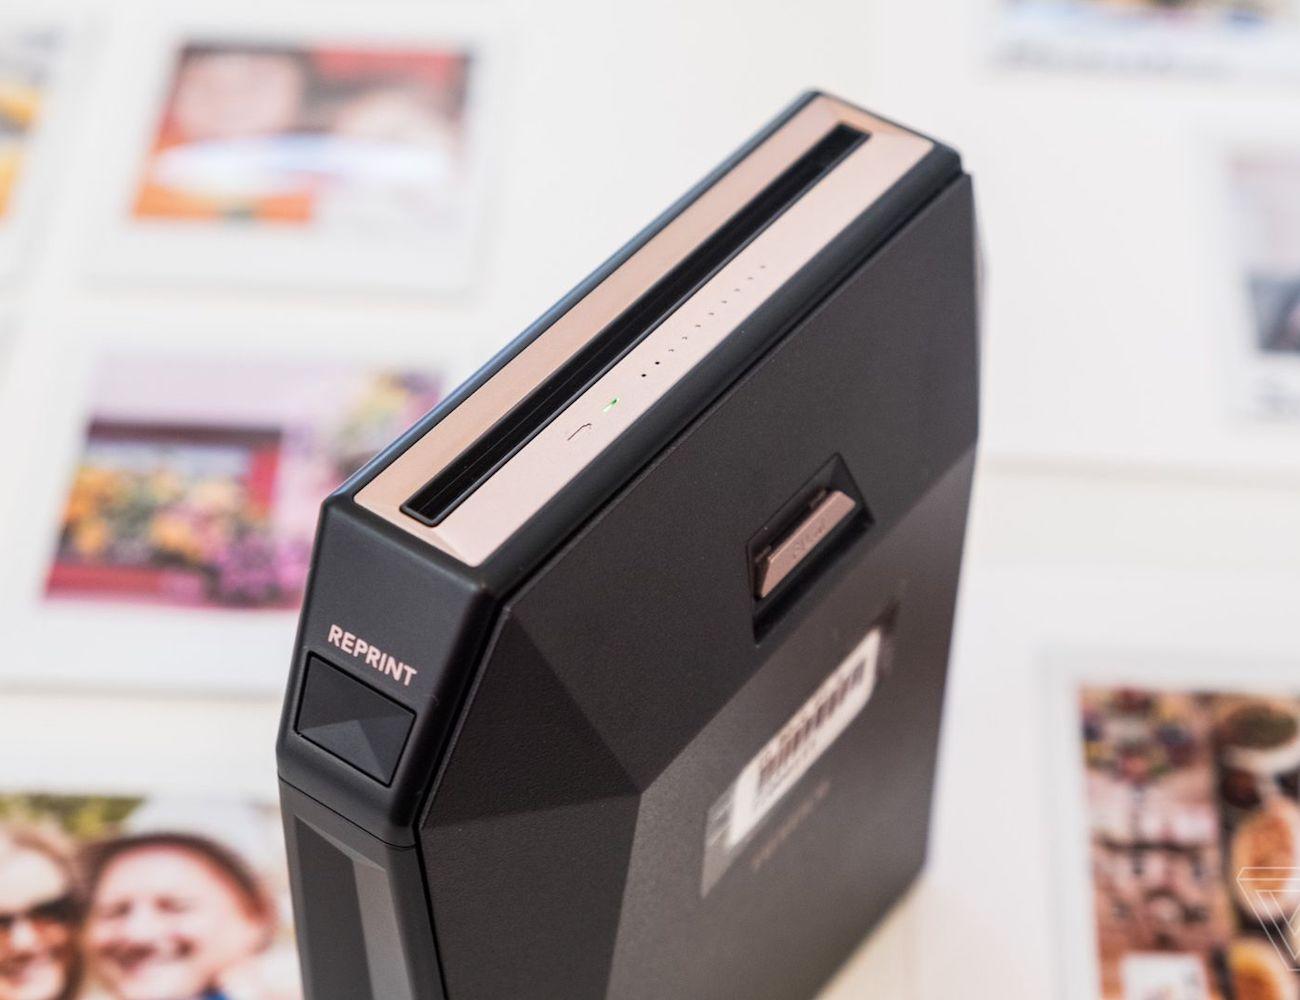 Fujifilm Instax Share SP-3 Mobile Printer